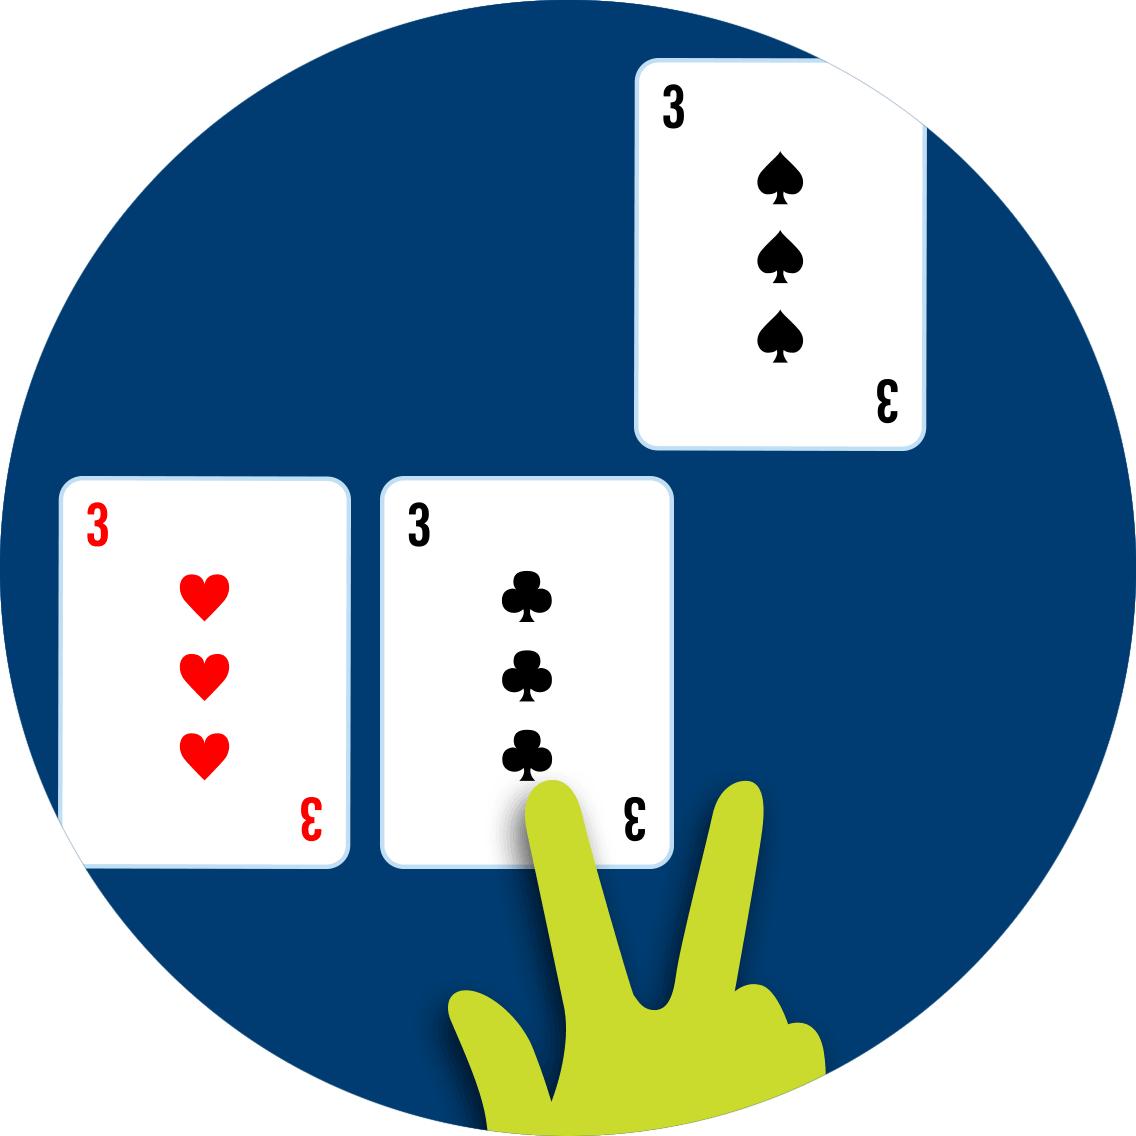 Un 3 de pique est séparé de la séparation initiale, qui comprenait aussi un 3 de cœur et un 3 de trèfle.